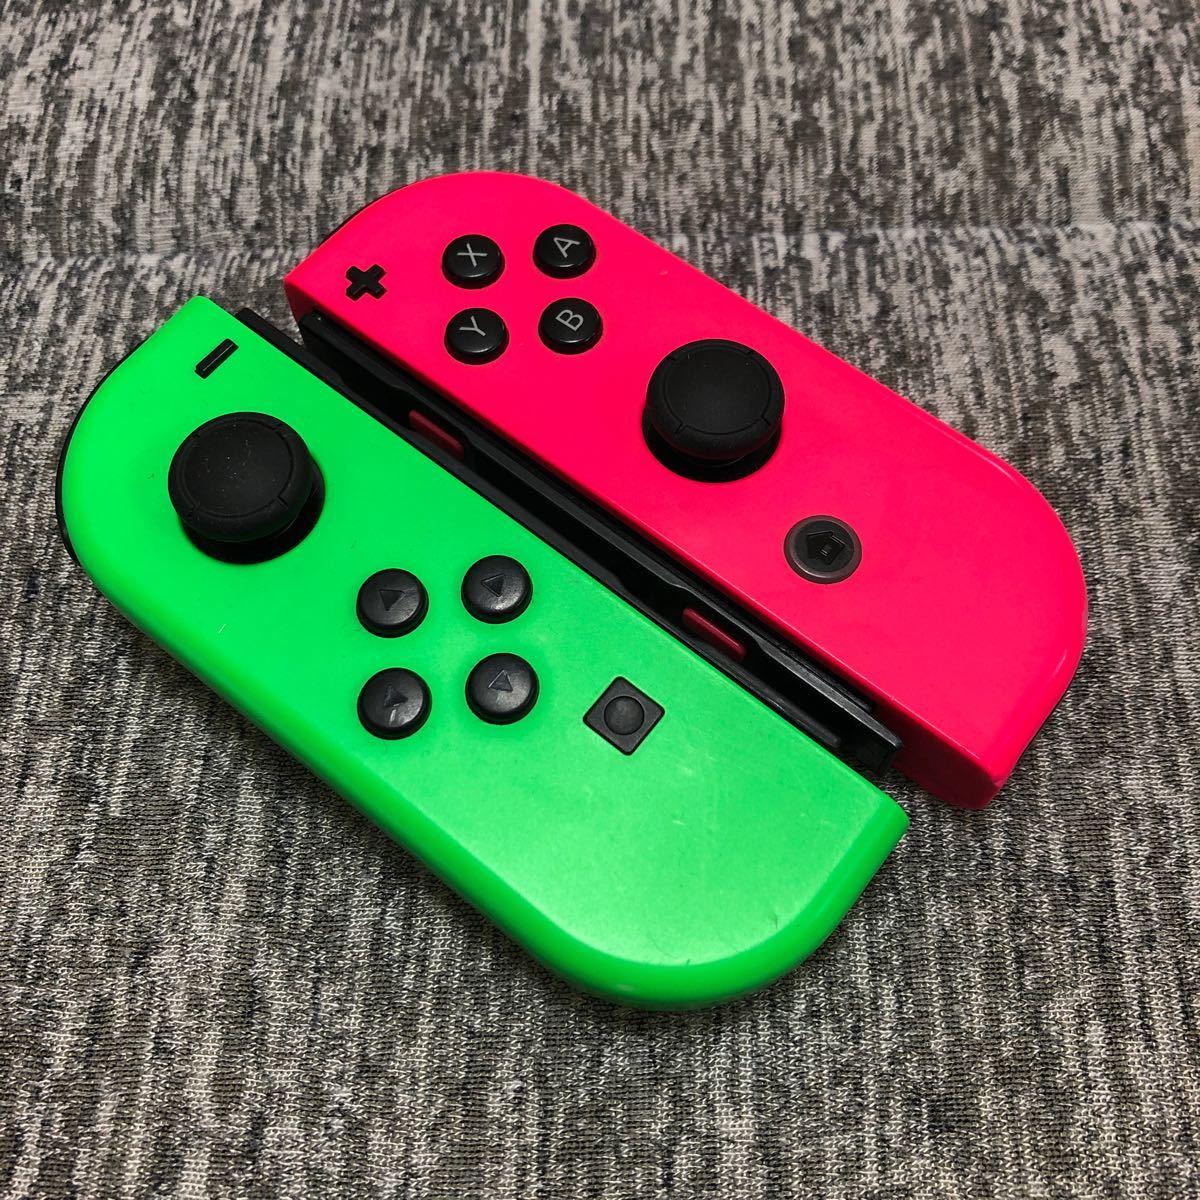 Nintendo Switch ニンテンドースイッチジョイコン ネオングリーン ネオンピンク